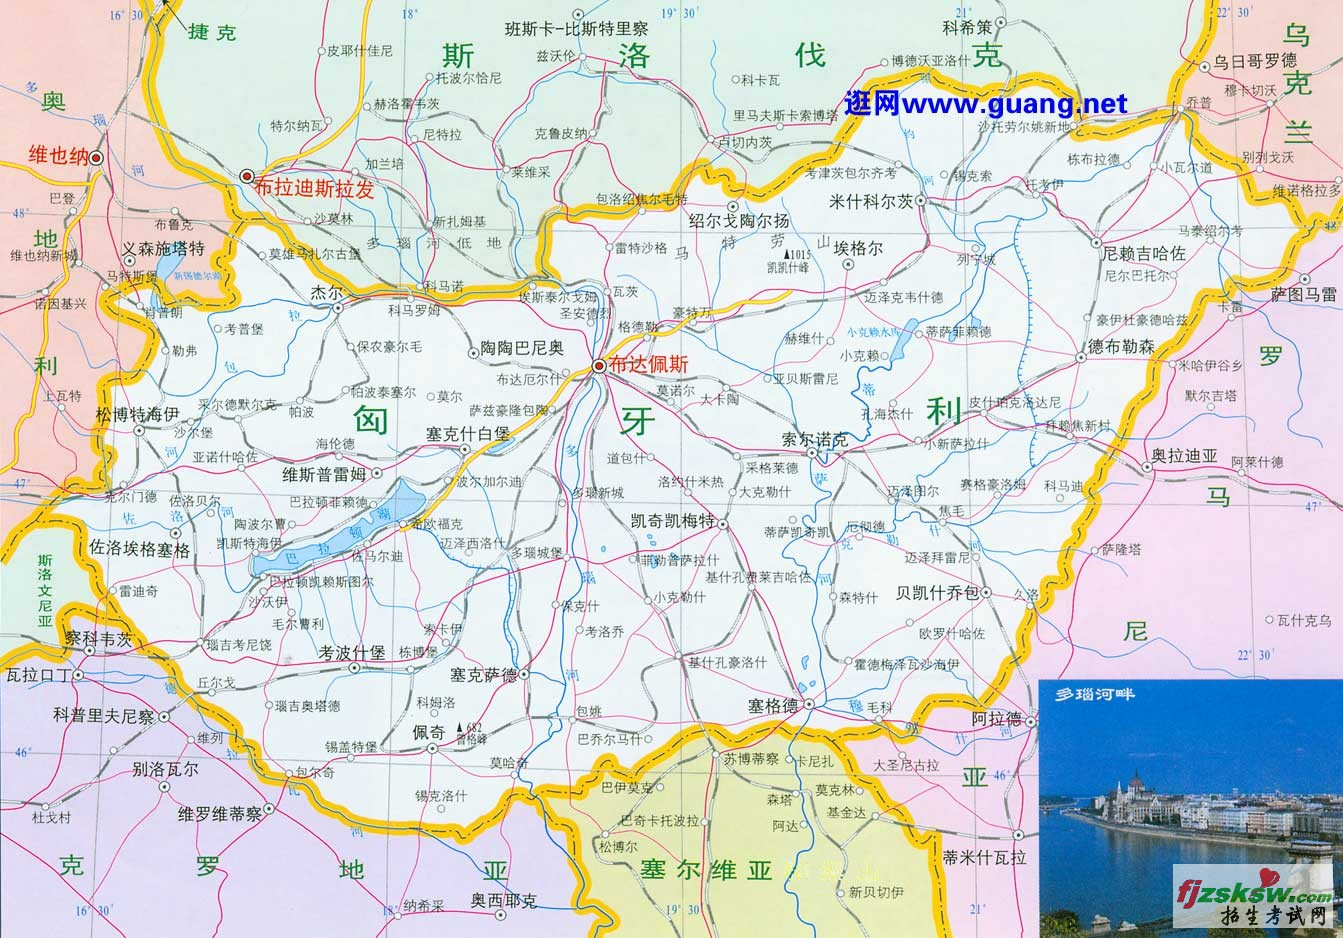 意大利 地图 中文 版 全 图